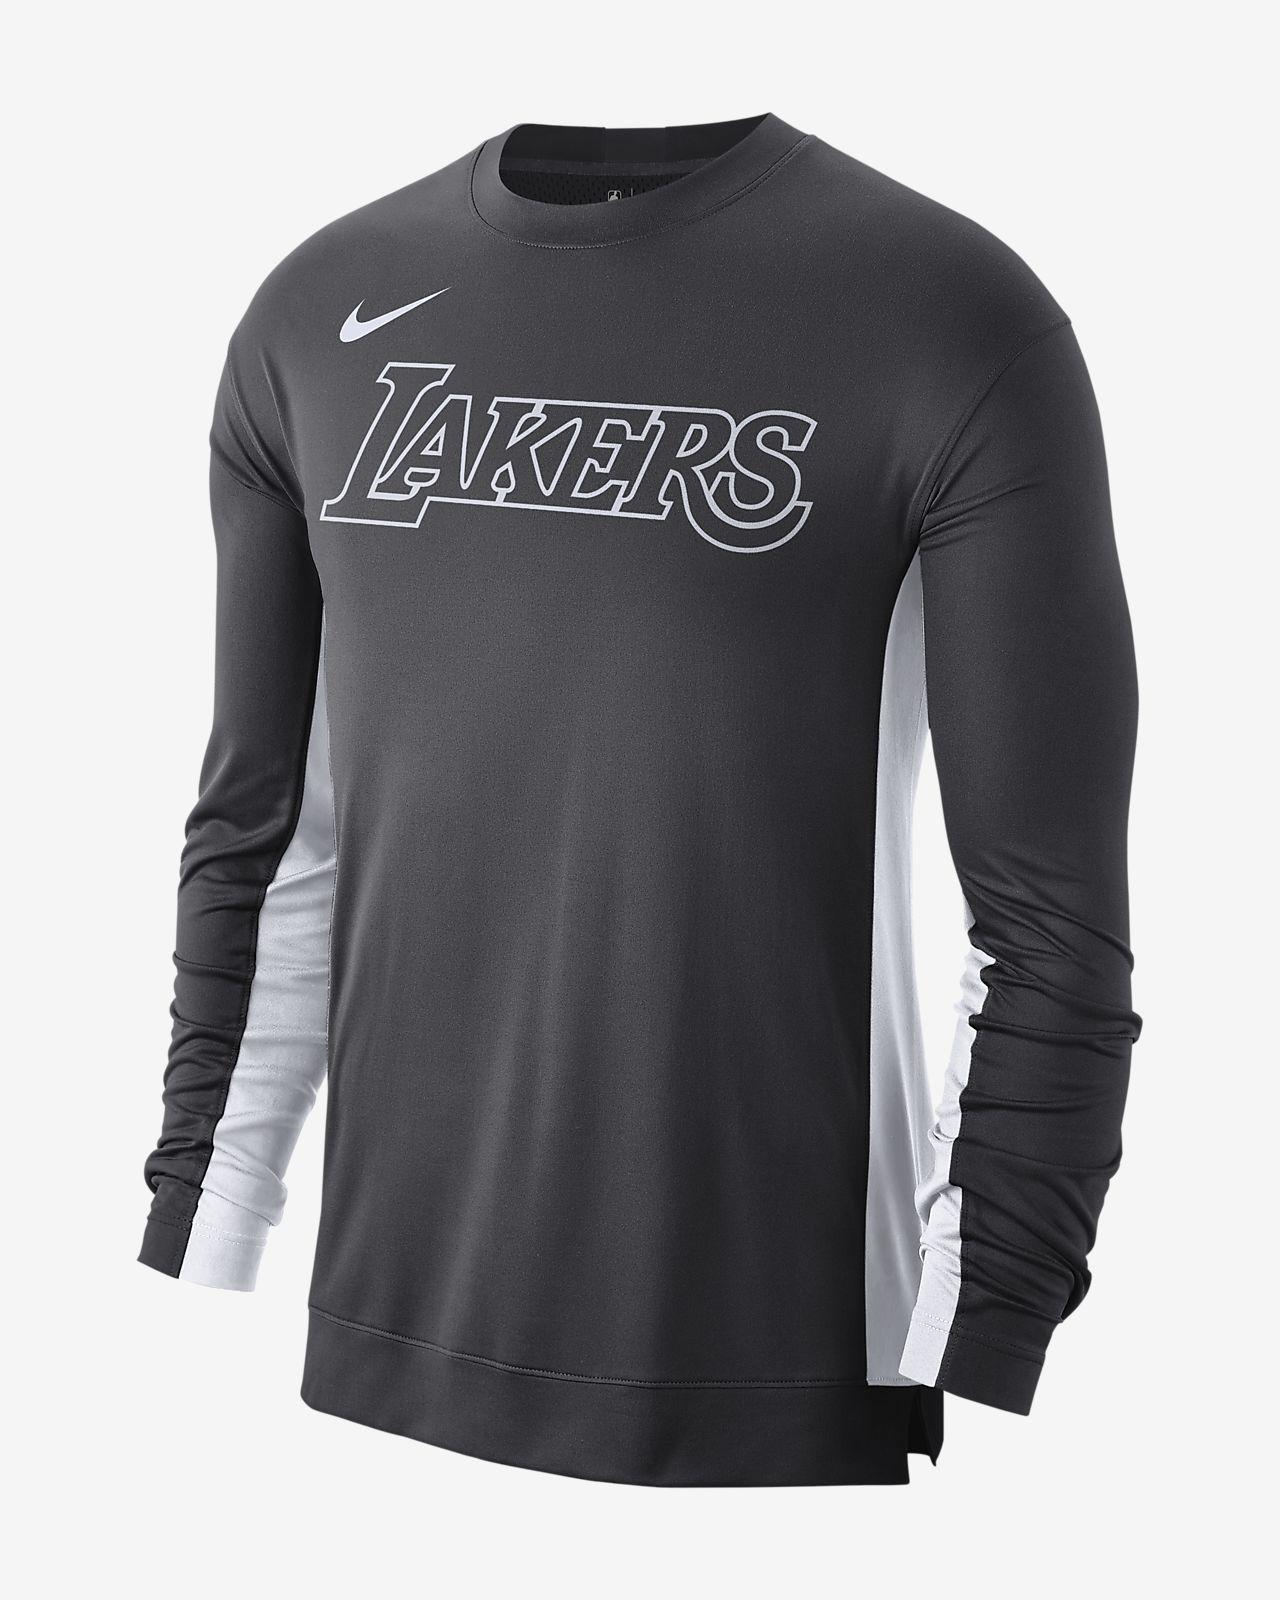 Los Angeles Lakers Nike Dri-FIT NBA baskettrøye til herre